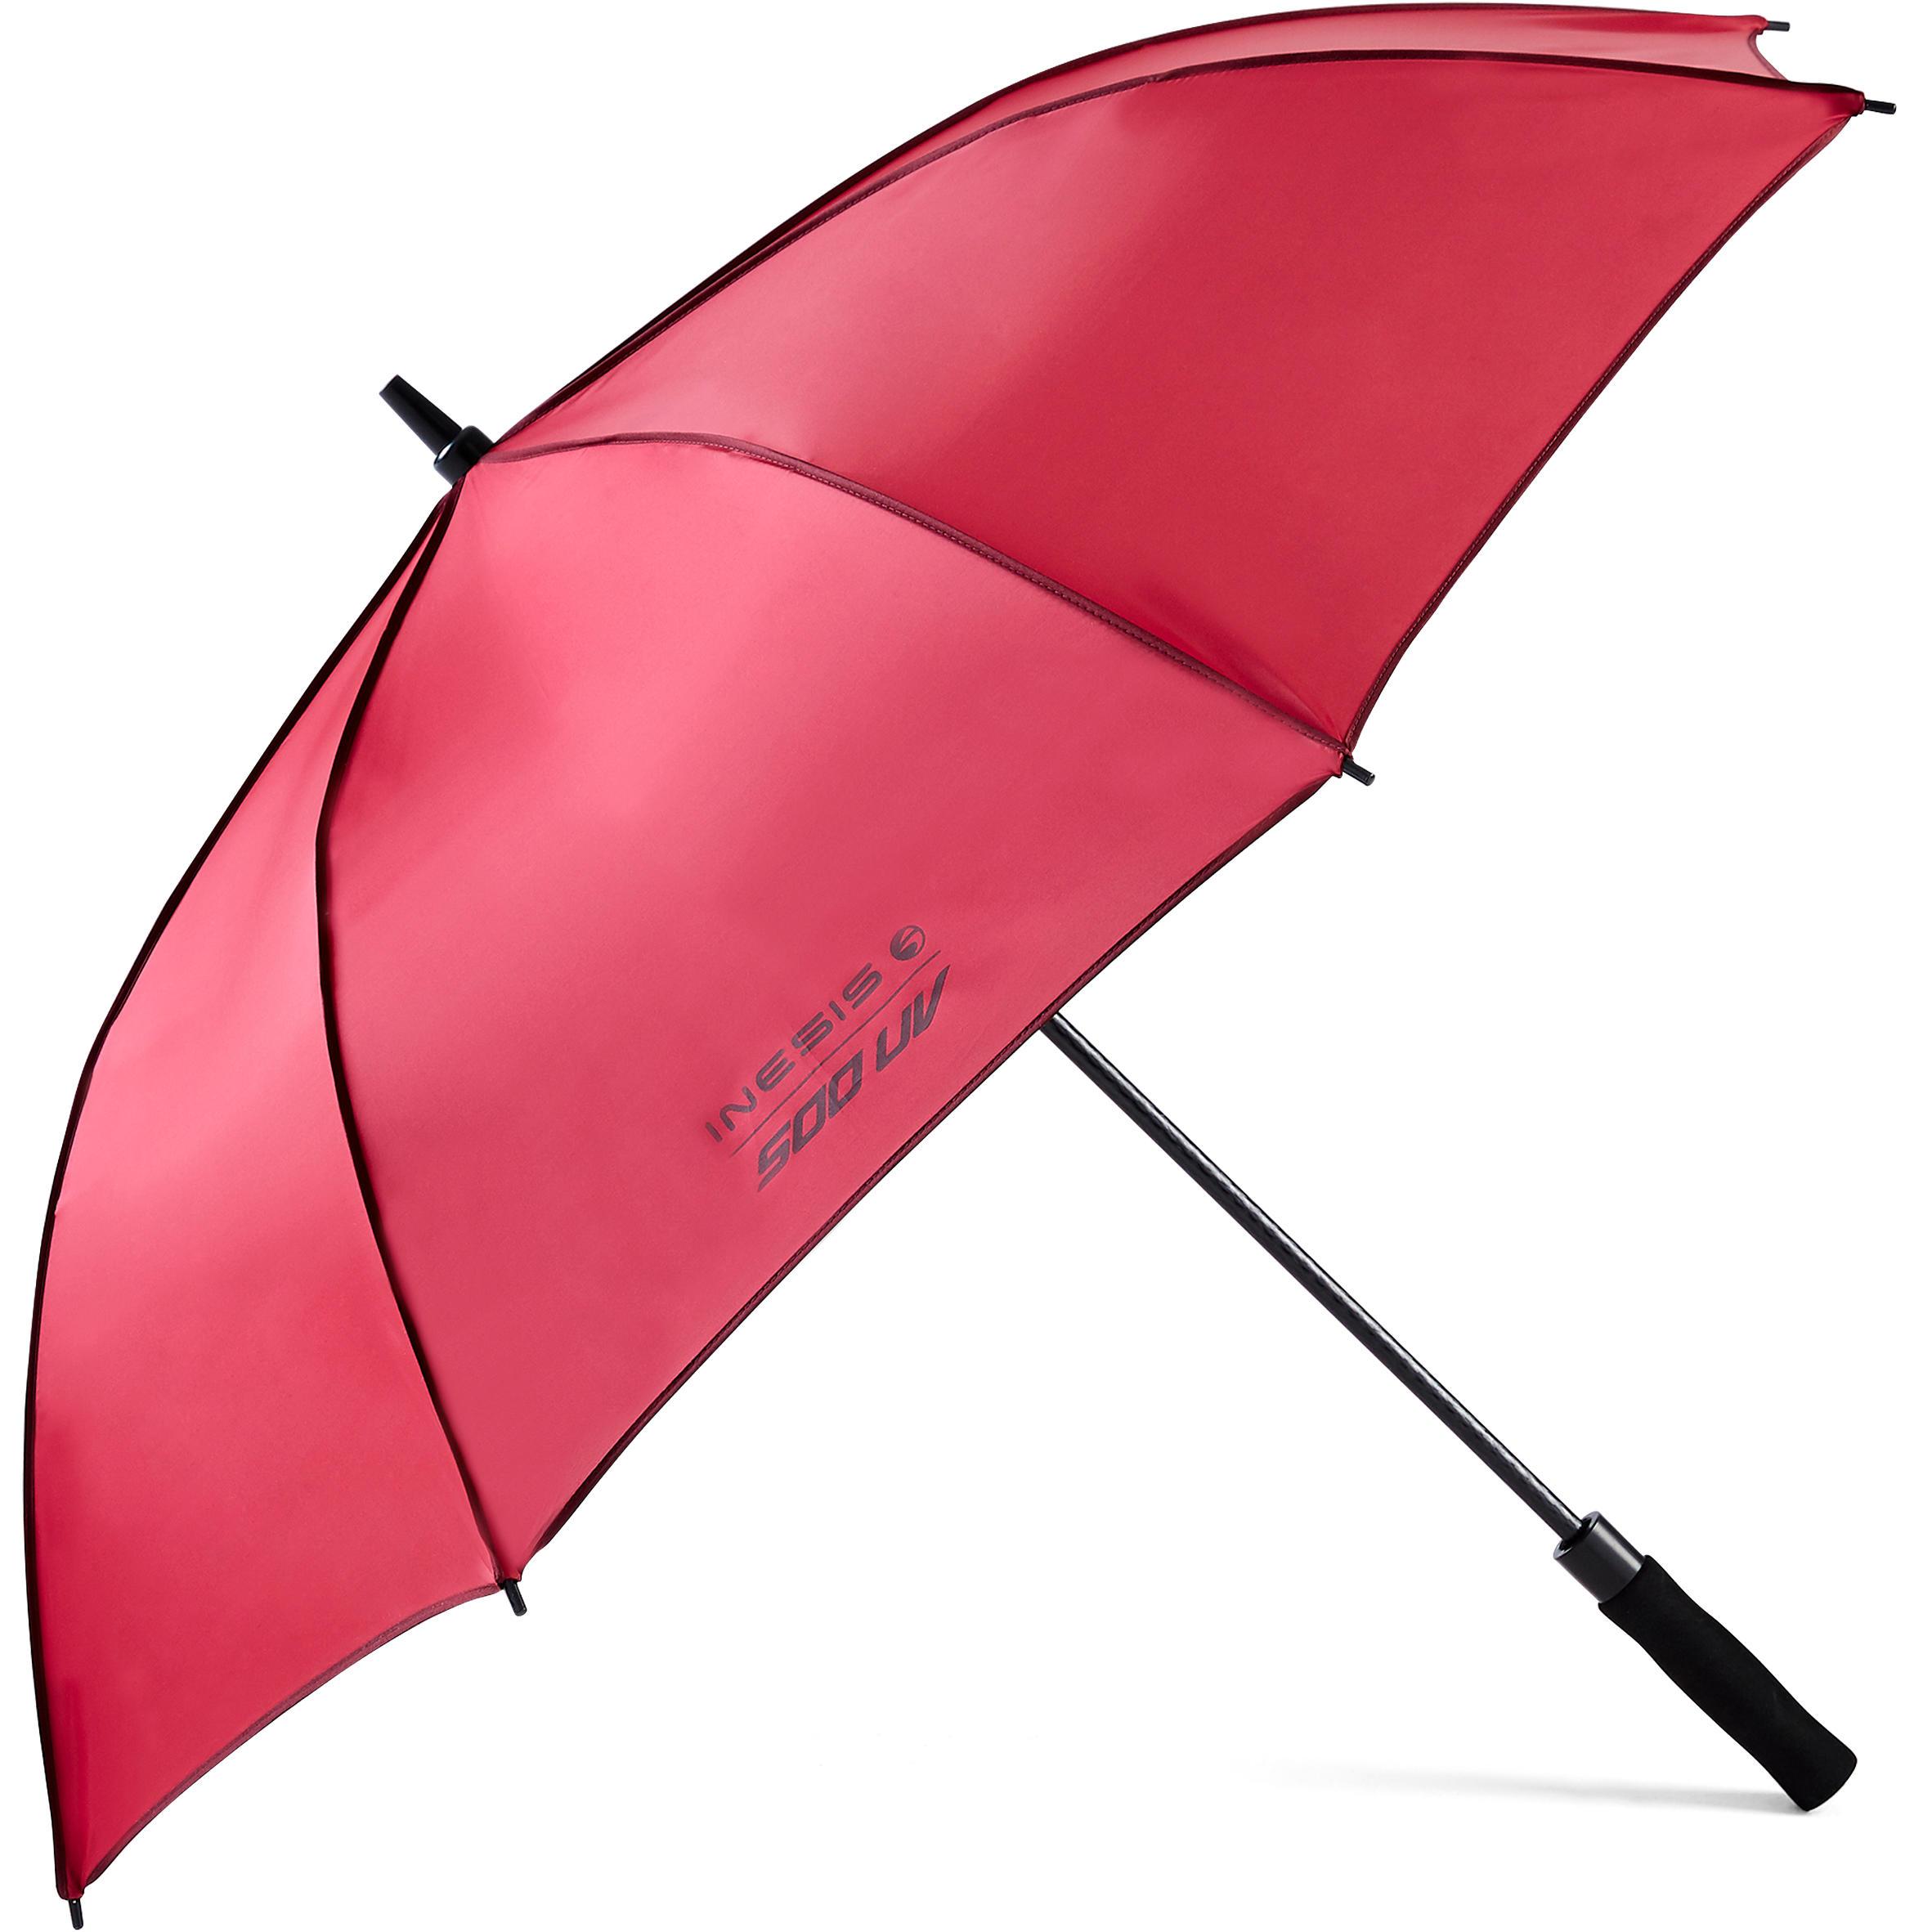 Regenschirm Golf 500 UV-Schutz | Accessoires > Regenschirme | Rot - Rosa - Bordeaux | Inesis